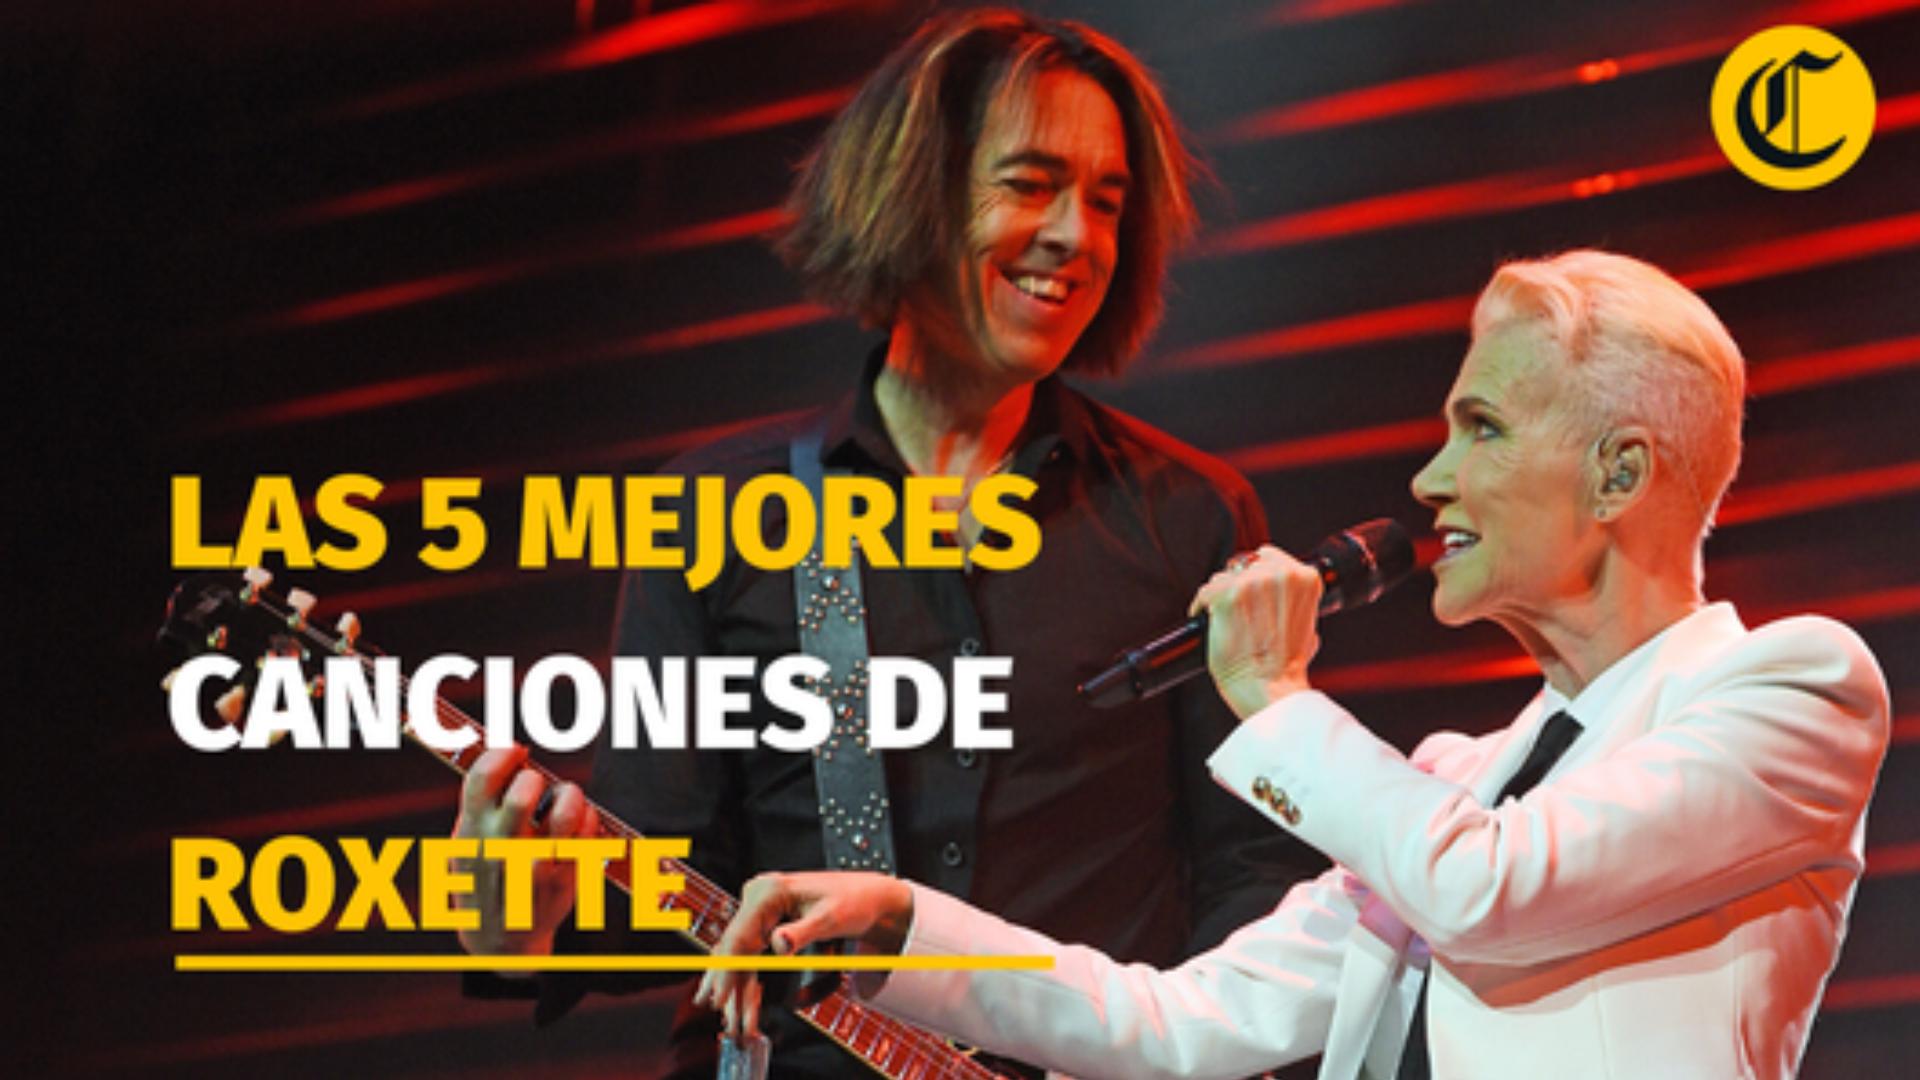 Las 5 mejores canciones de Roxette [VIDEO]